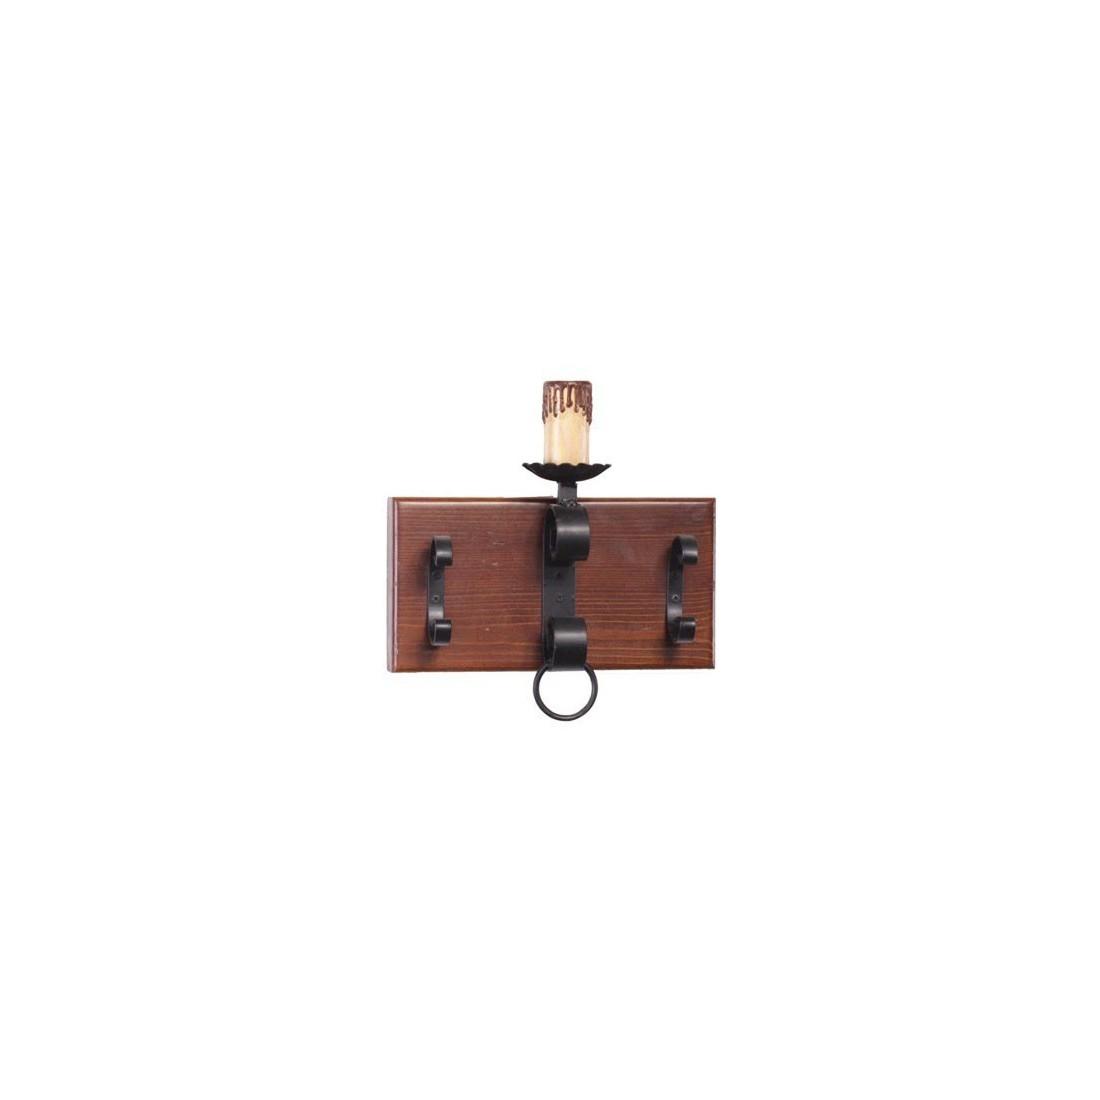 Lamparas rusticas lamparas de barro lamparas barro techo - Lamparas para cocinas rusticas ...